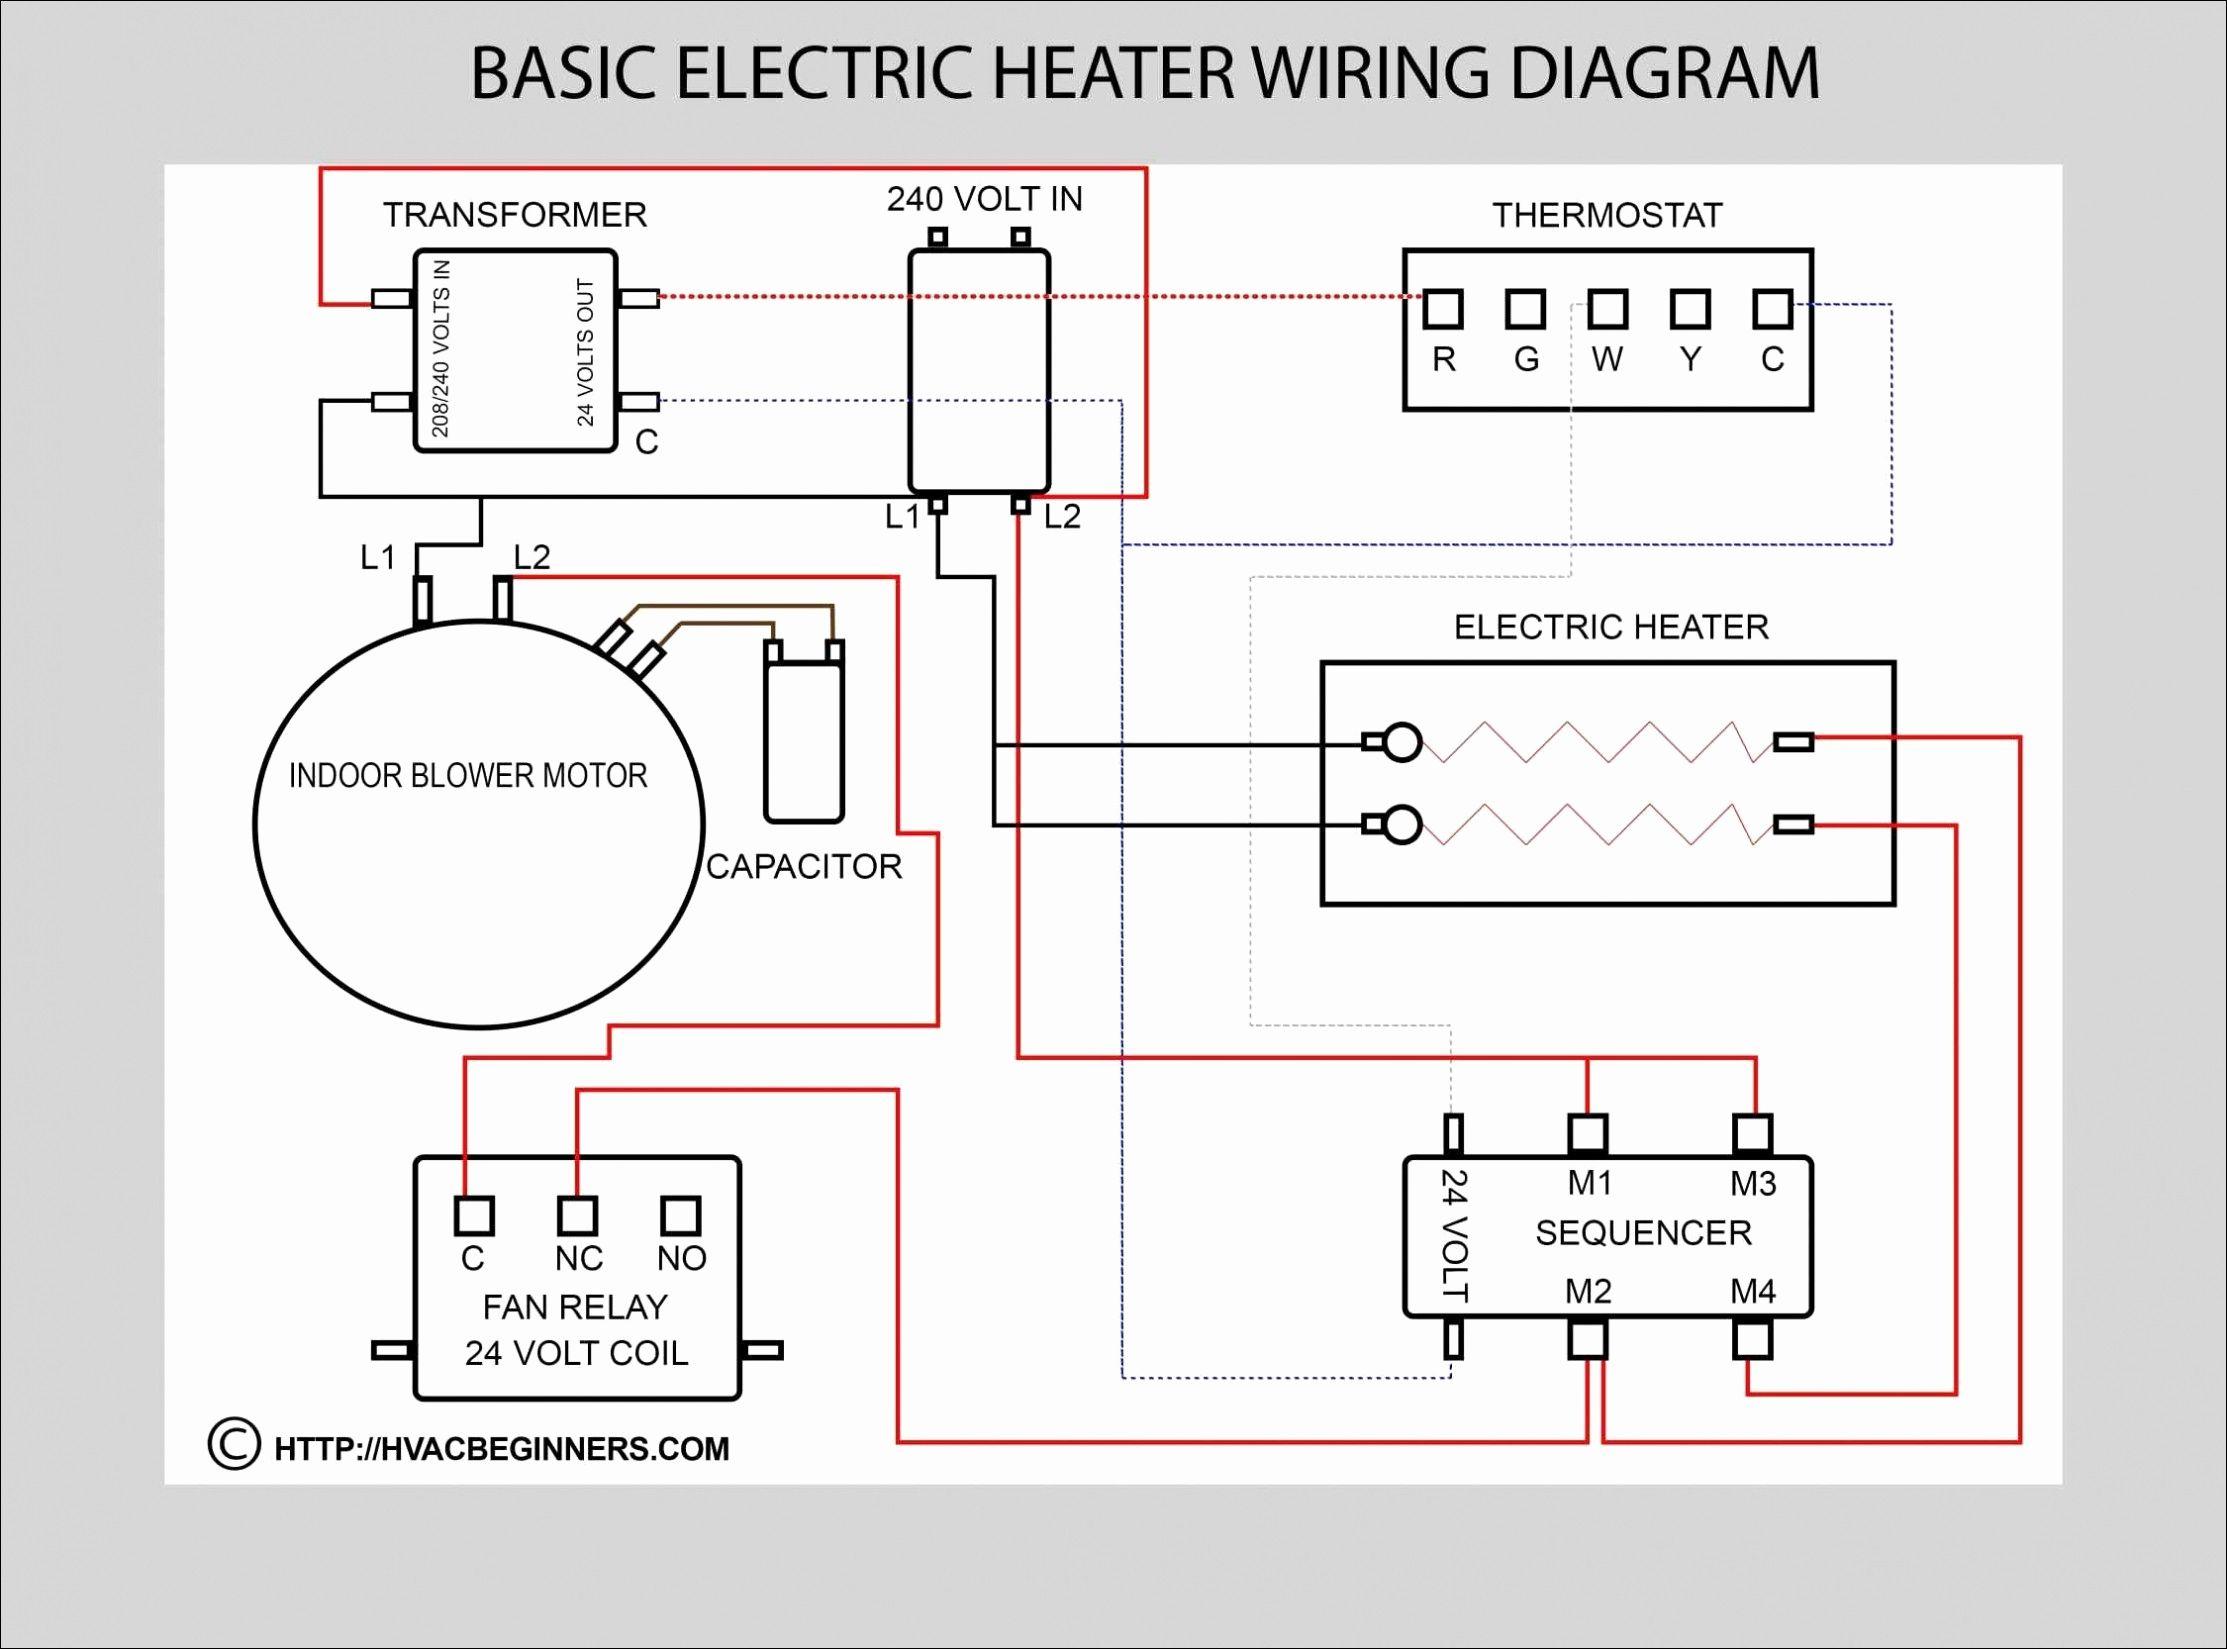 Universal Power Window Wiring Schematic   Wiring Diagram - 5 Pin Power Window Switch Wiring Diagram